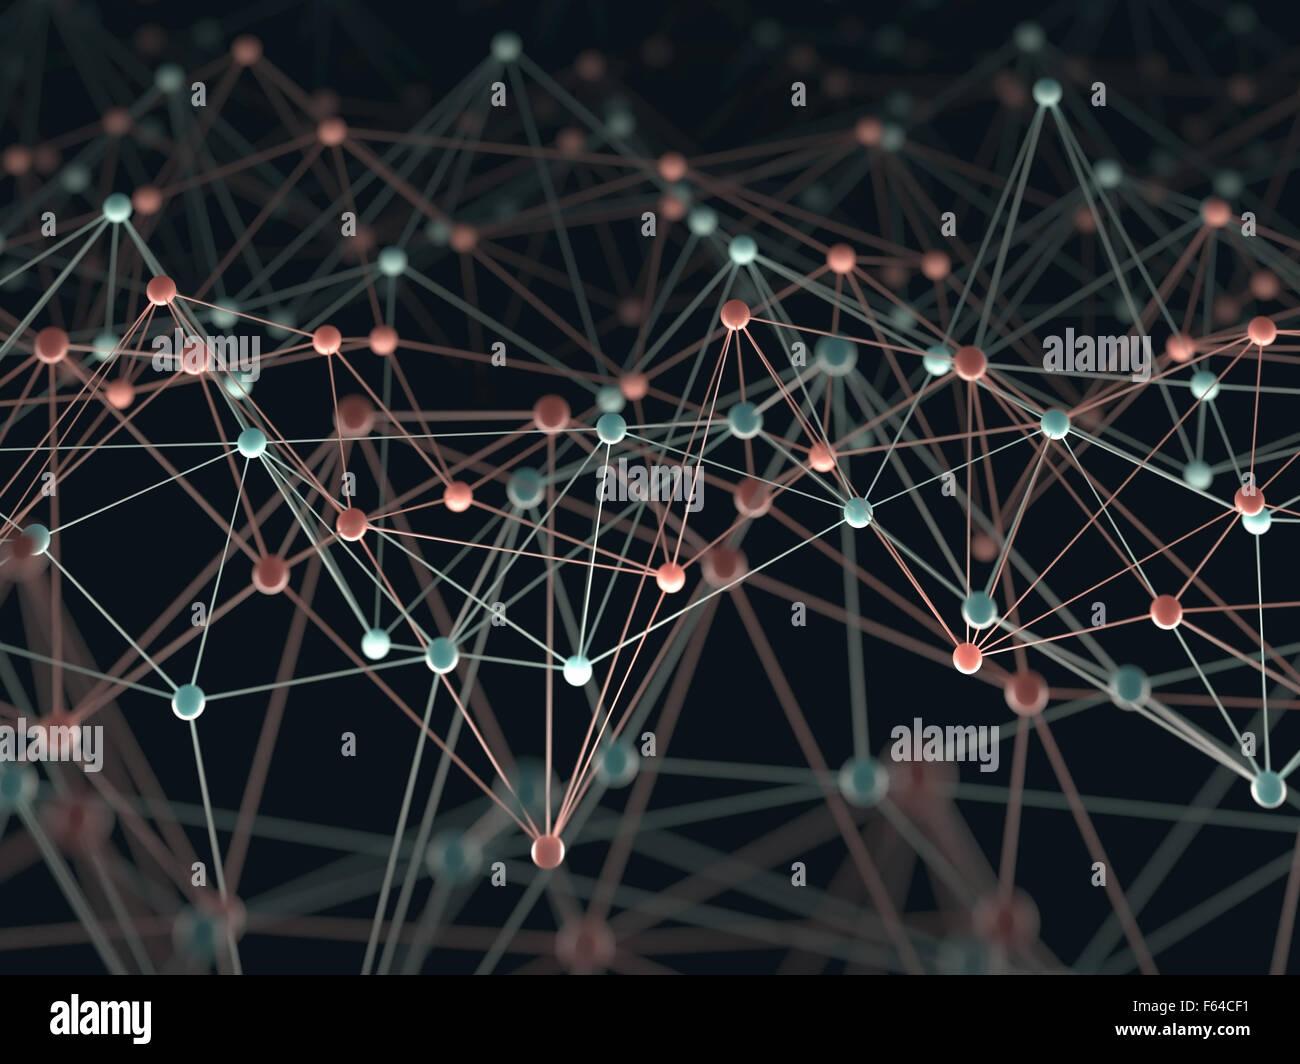 Résumé fond avec des points et des connexions liées entre elles dans un concept de réseau. Photo Stock